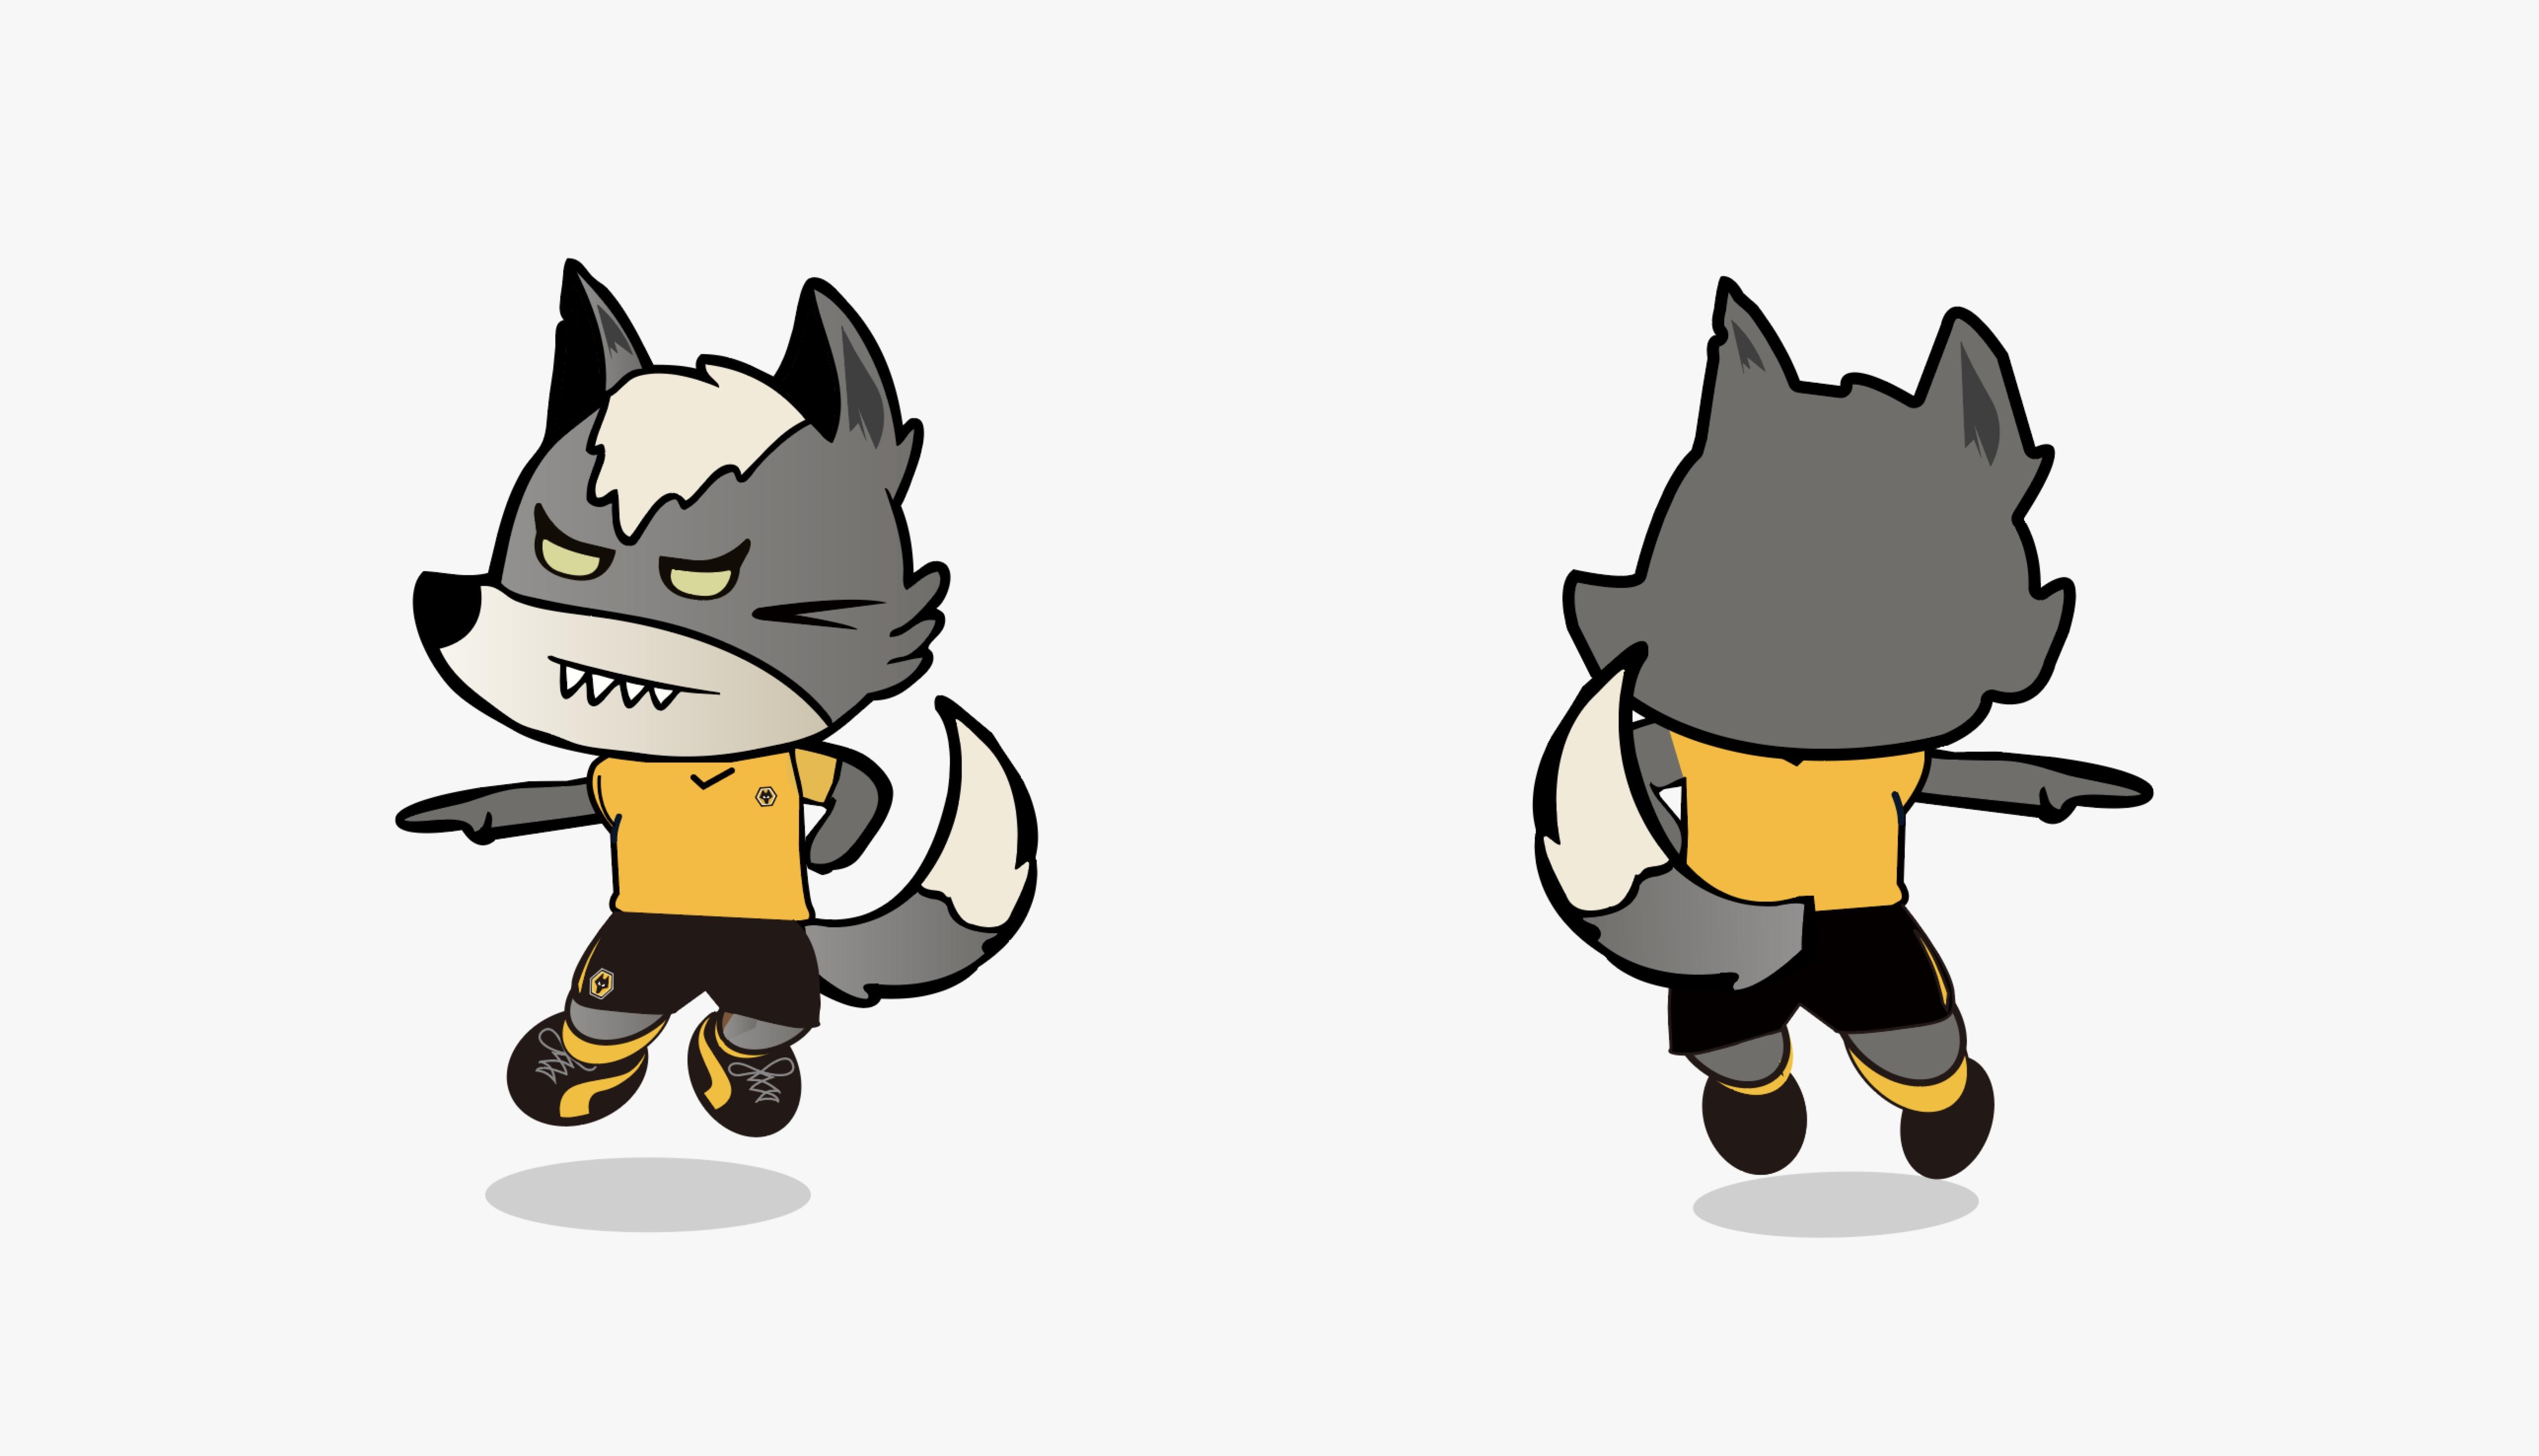 狼队名字 狼队中国吉祥物有奖征名第二轮:为你喜欢的候选名字投票吧!